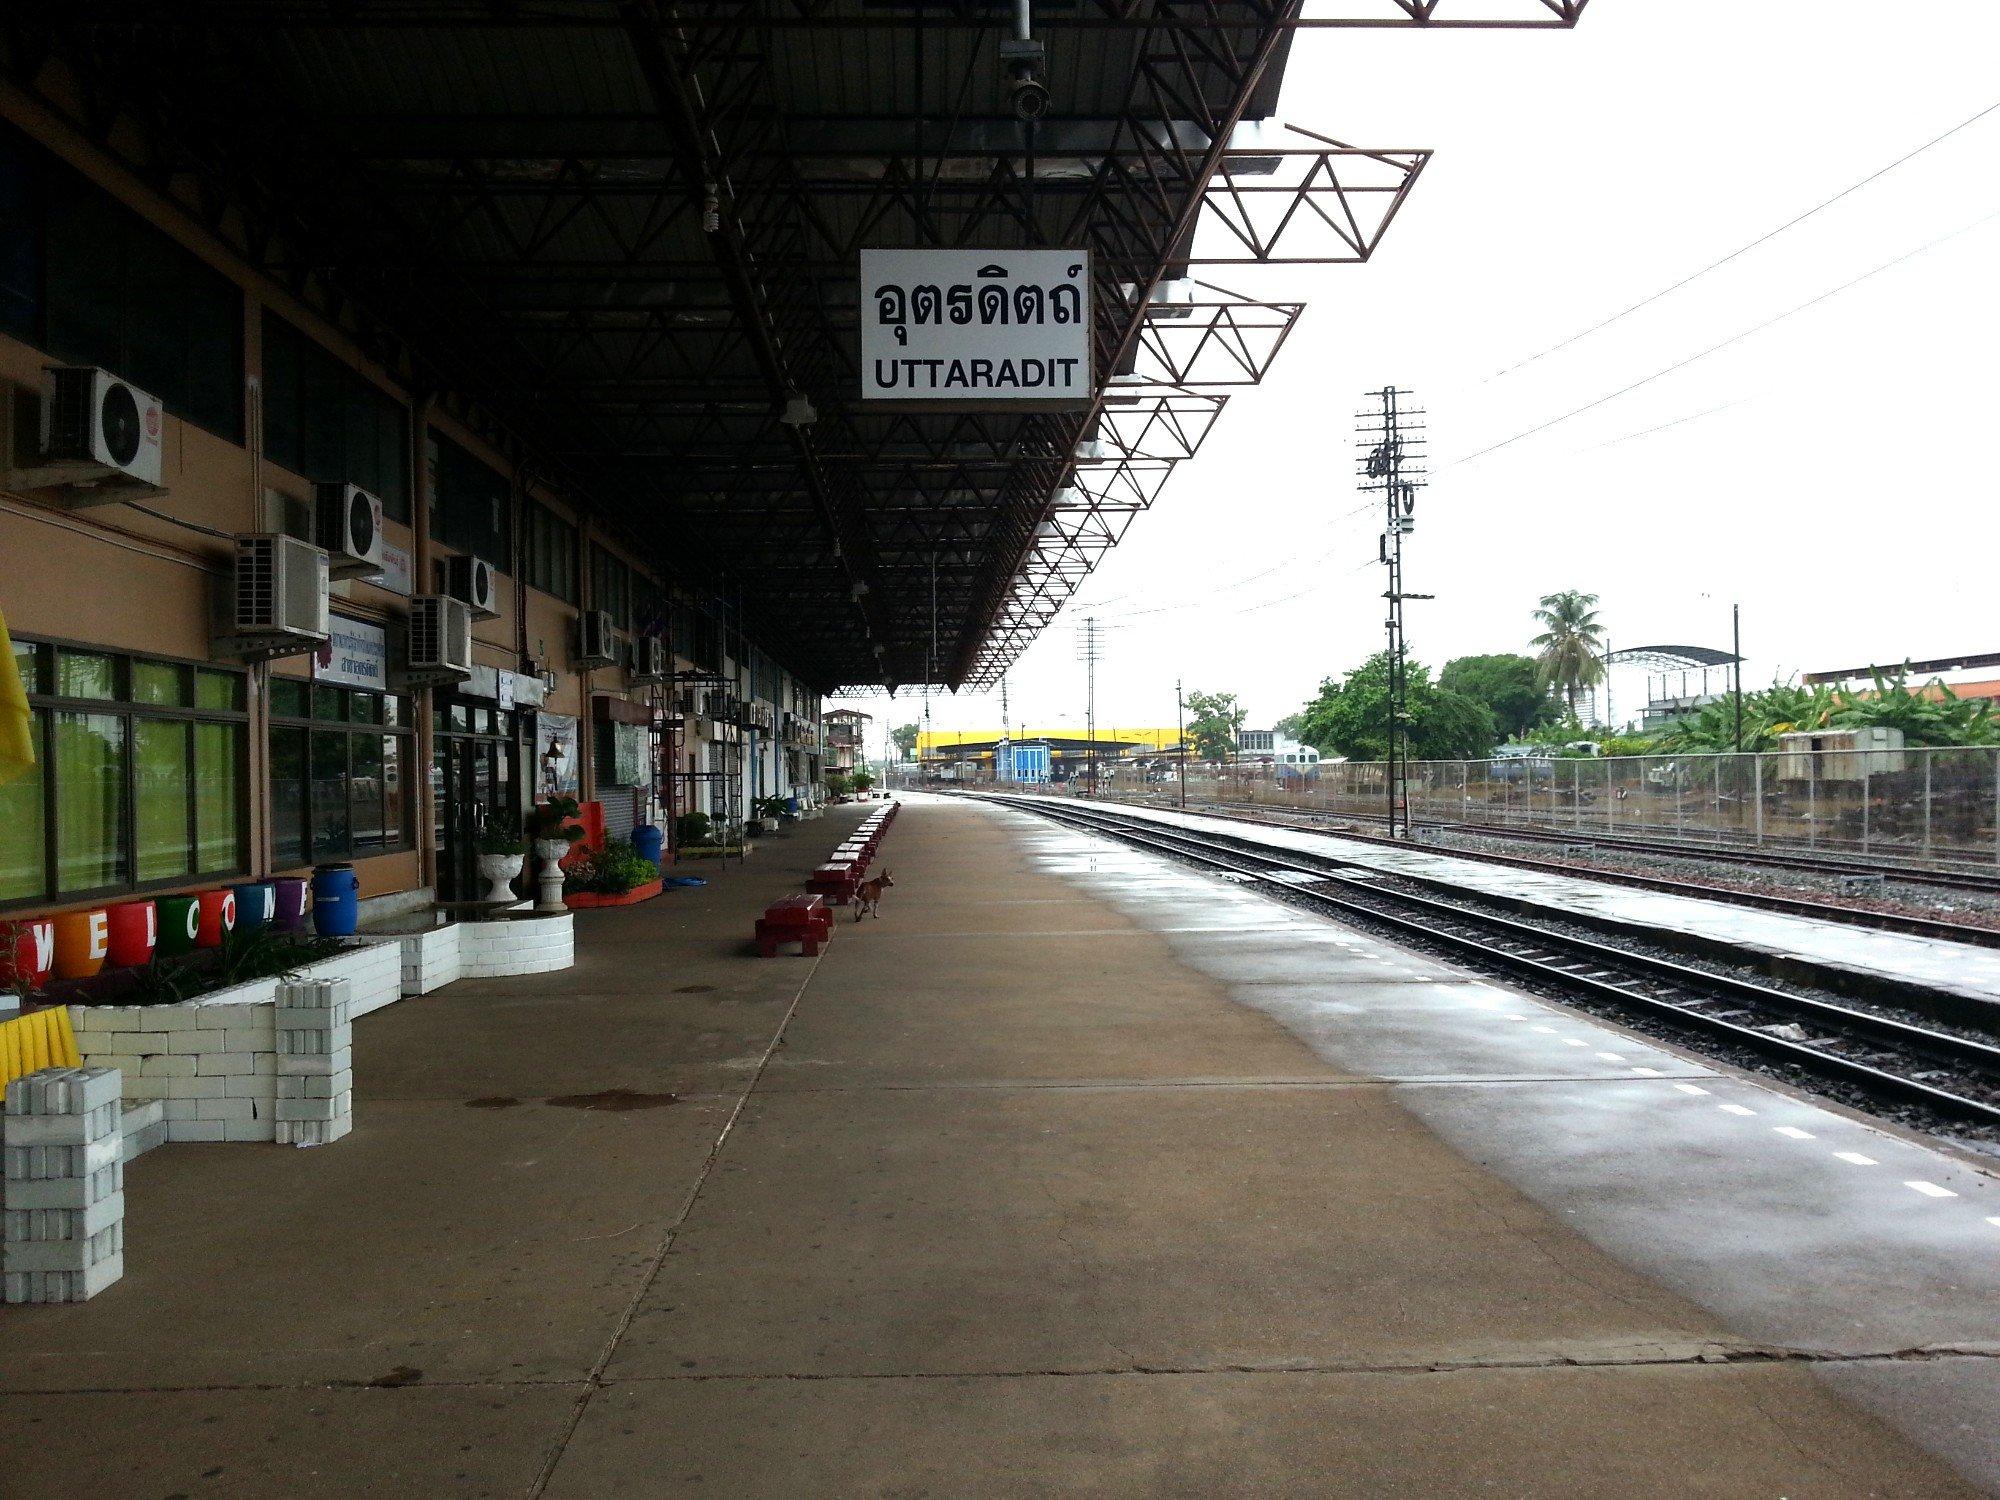 Platform 1 at Uttaradit Railway Station